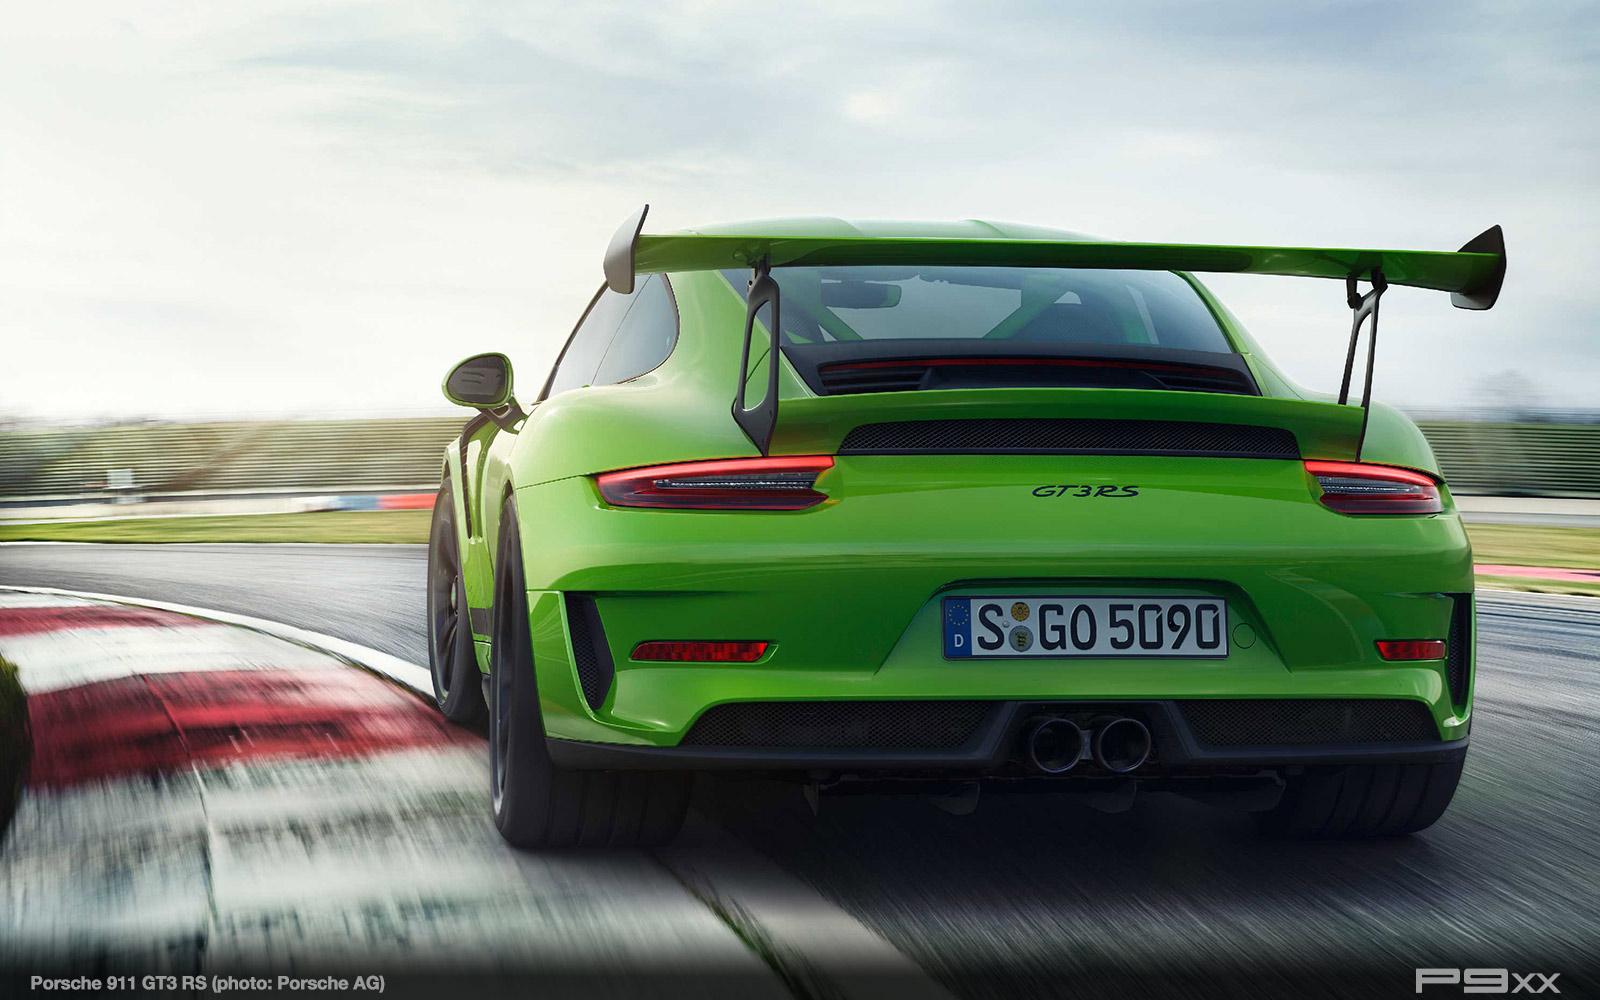 Porsche-911-GT3-RS-991-2-9912-281